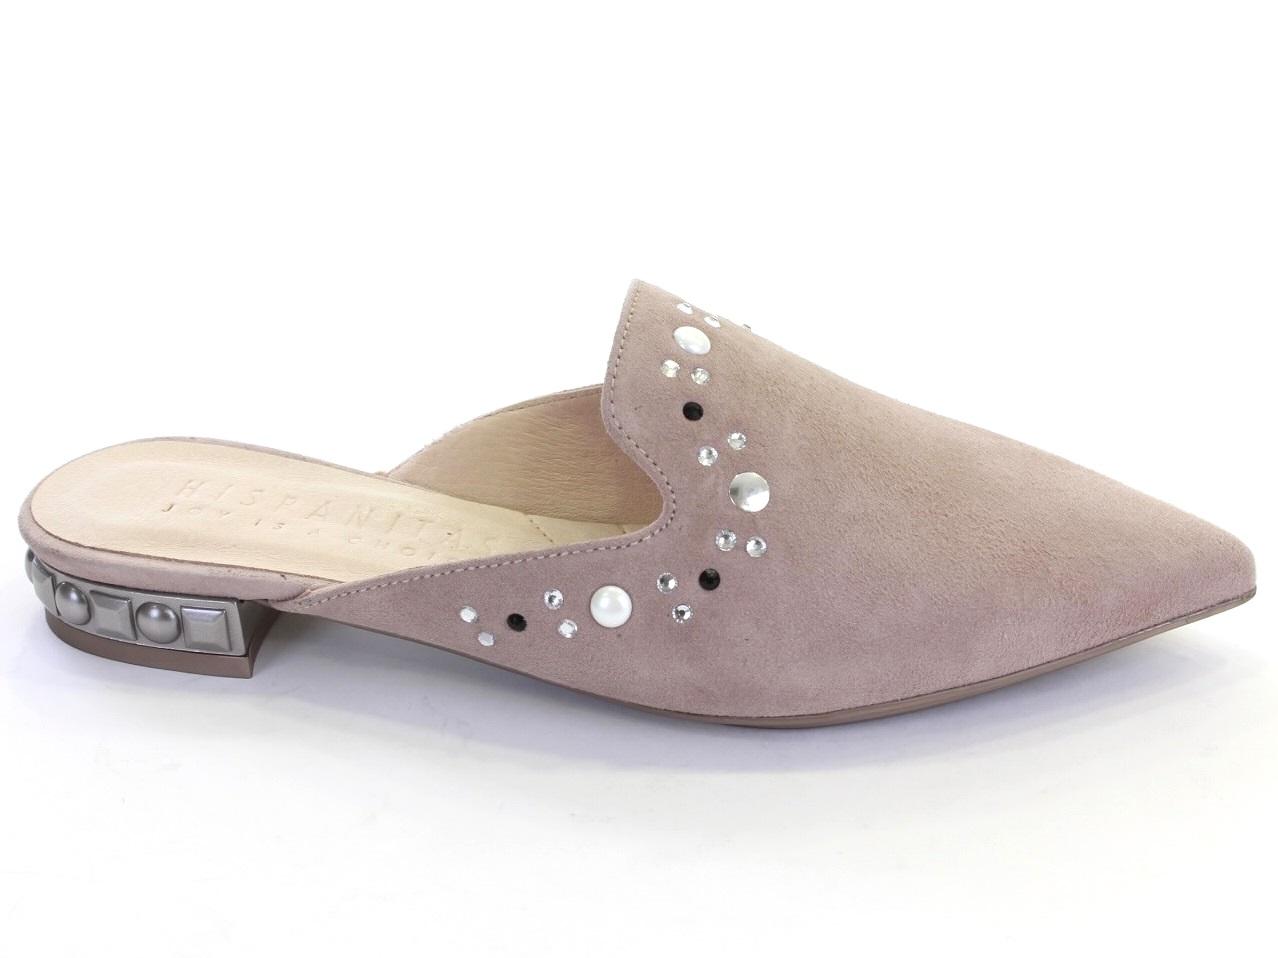 Sapatos Baixos, Sabrinas, Mocassins Hispanitas - 165 PHV86856